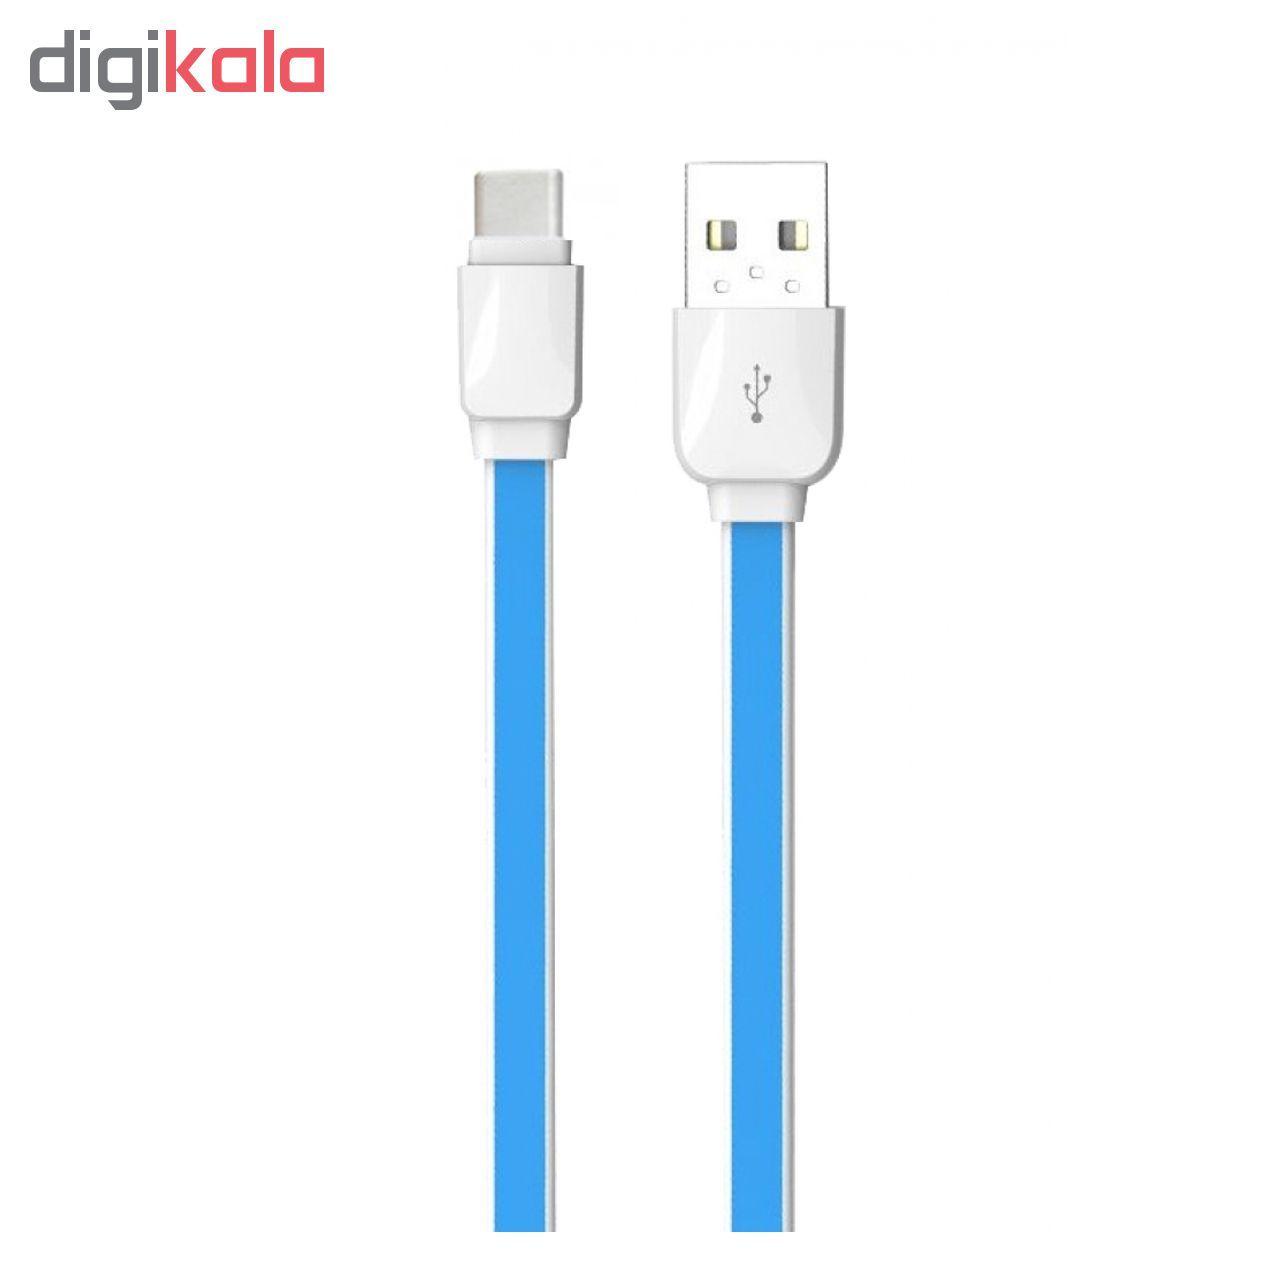 کابل تبدیل USB به USB-C الدینیو مدل XS-07 طول 1 متر main 1 1